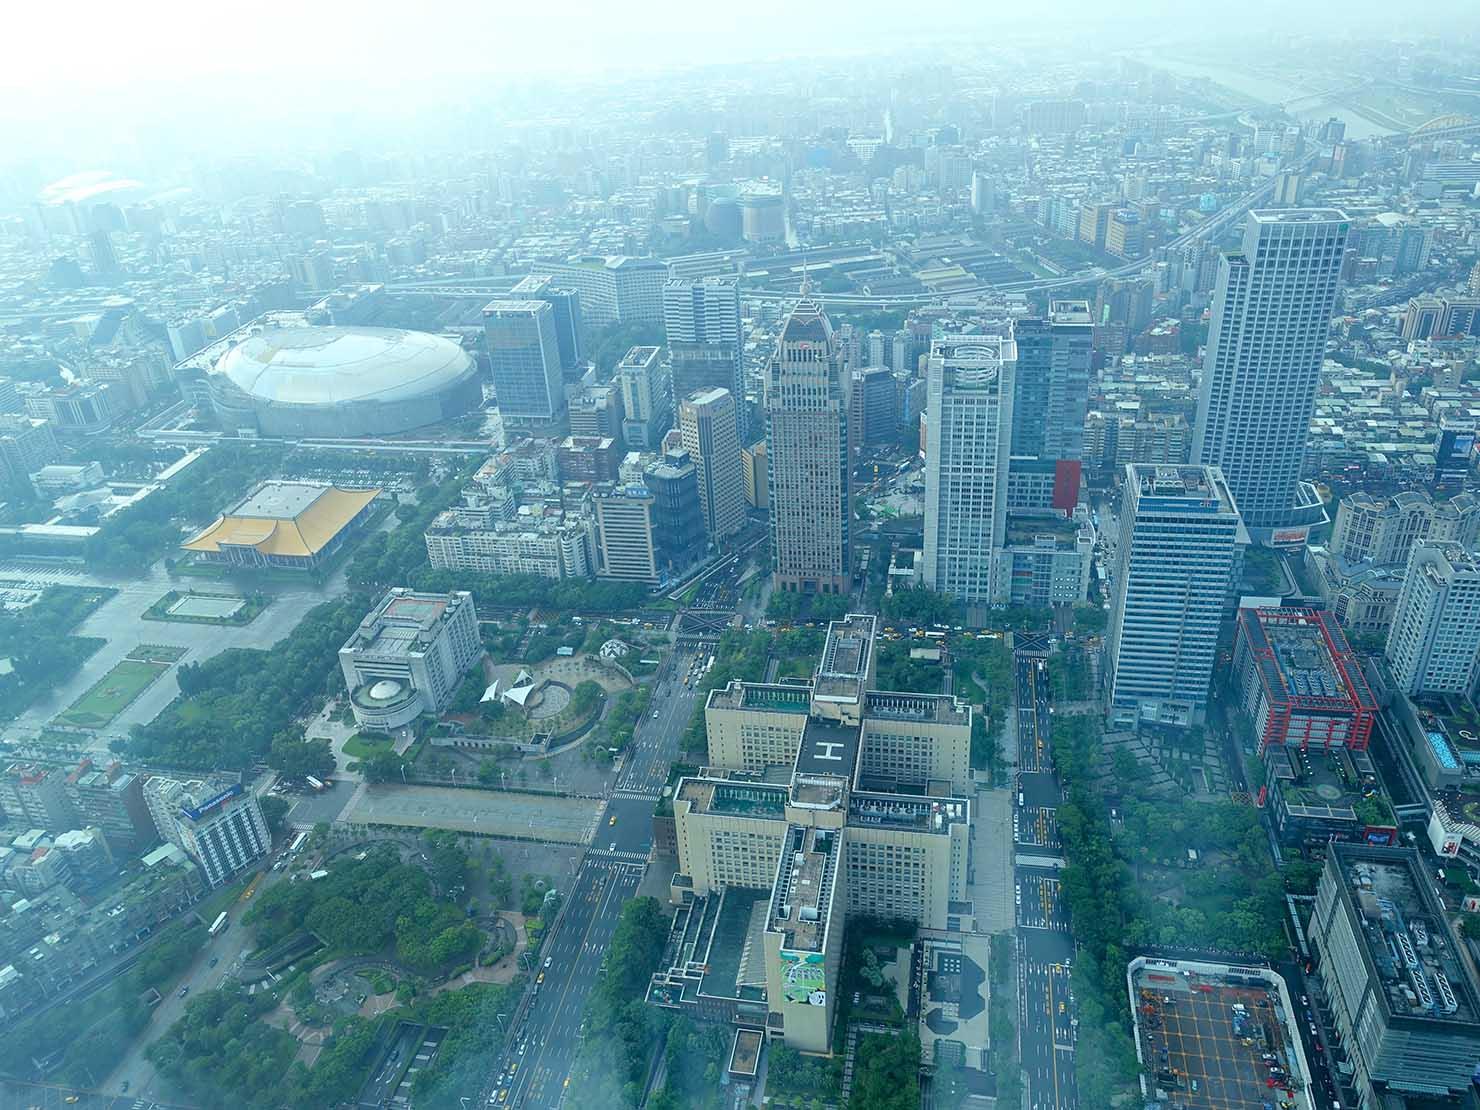 台北101展望台から望む東區